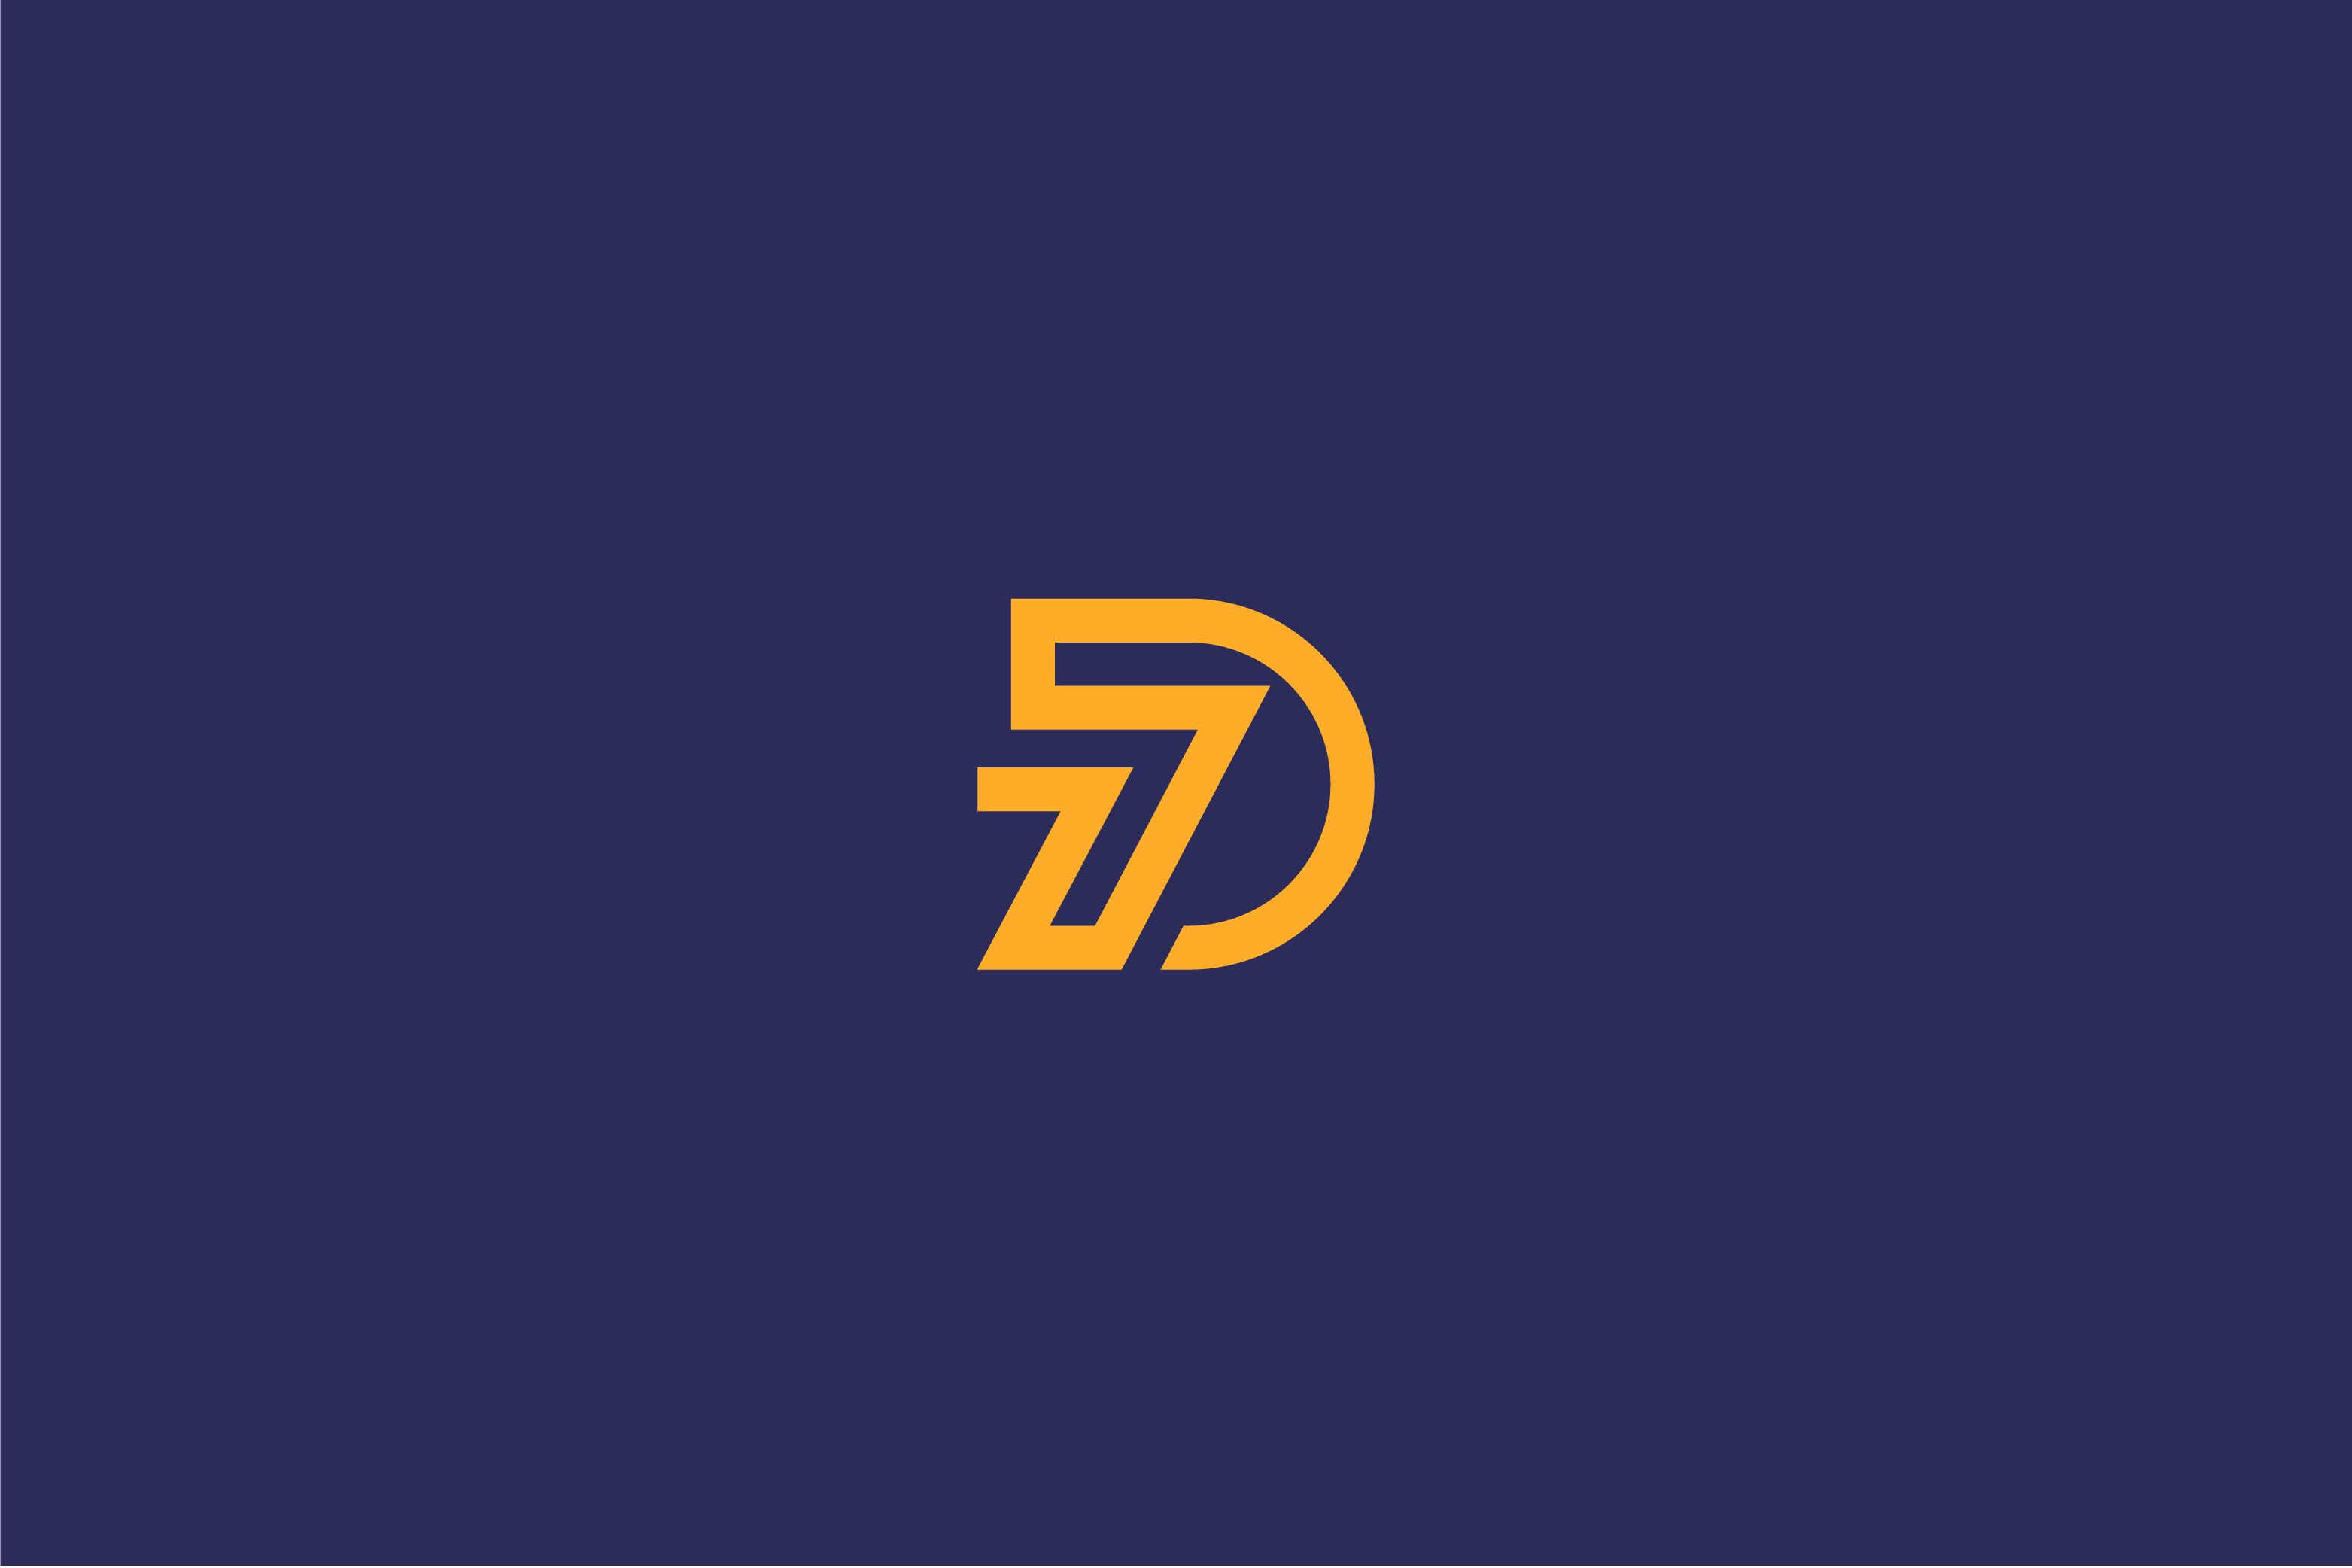 7DITE - Branding